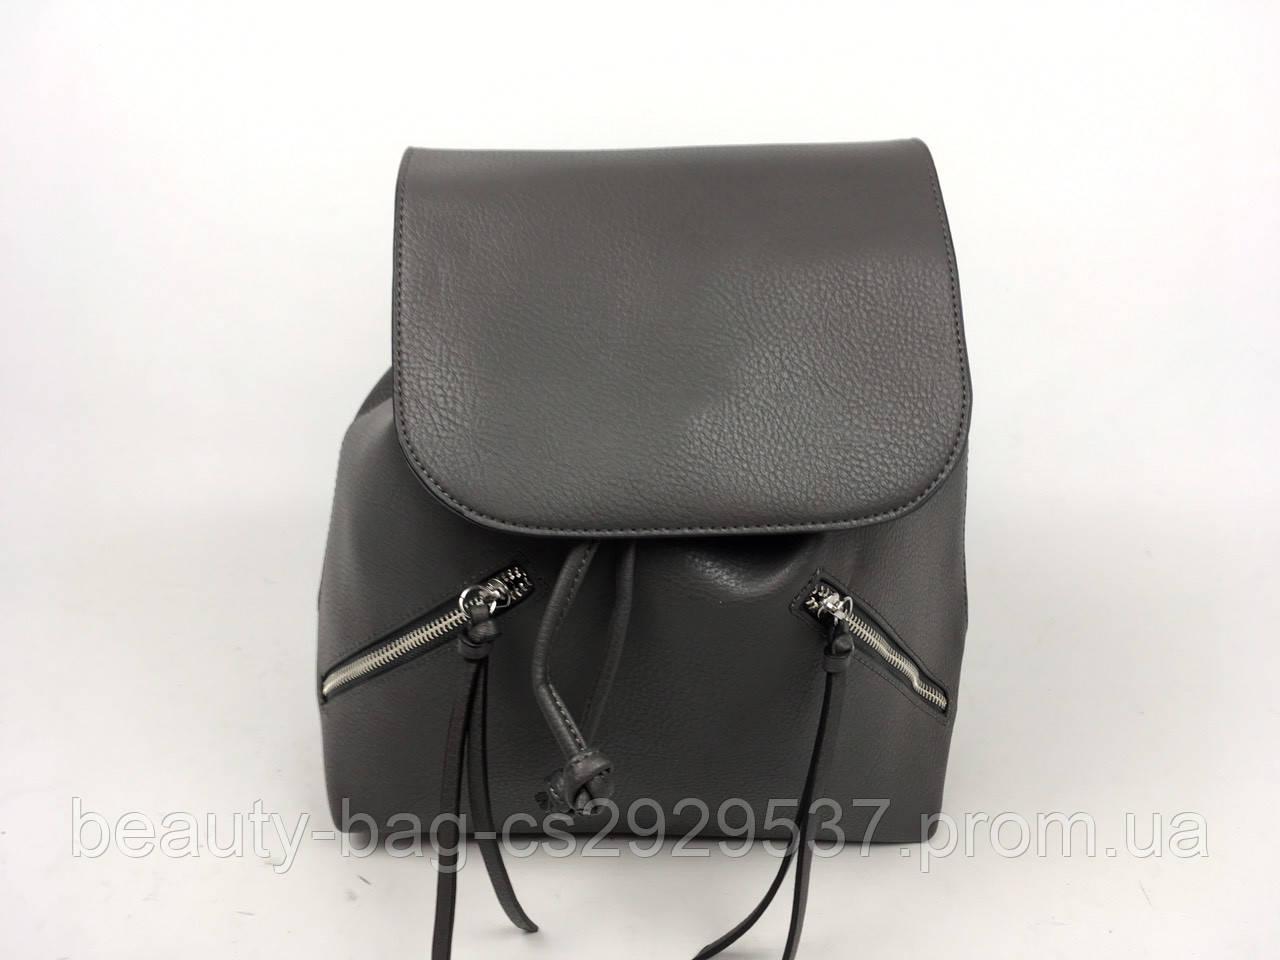 Рюкзак молодежный 3156 р-к Италия размер 27х30х15 см черный